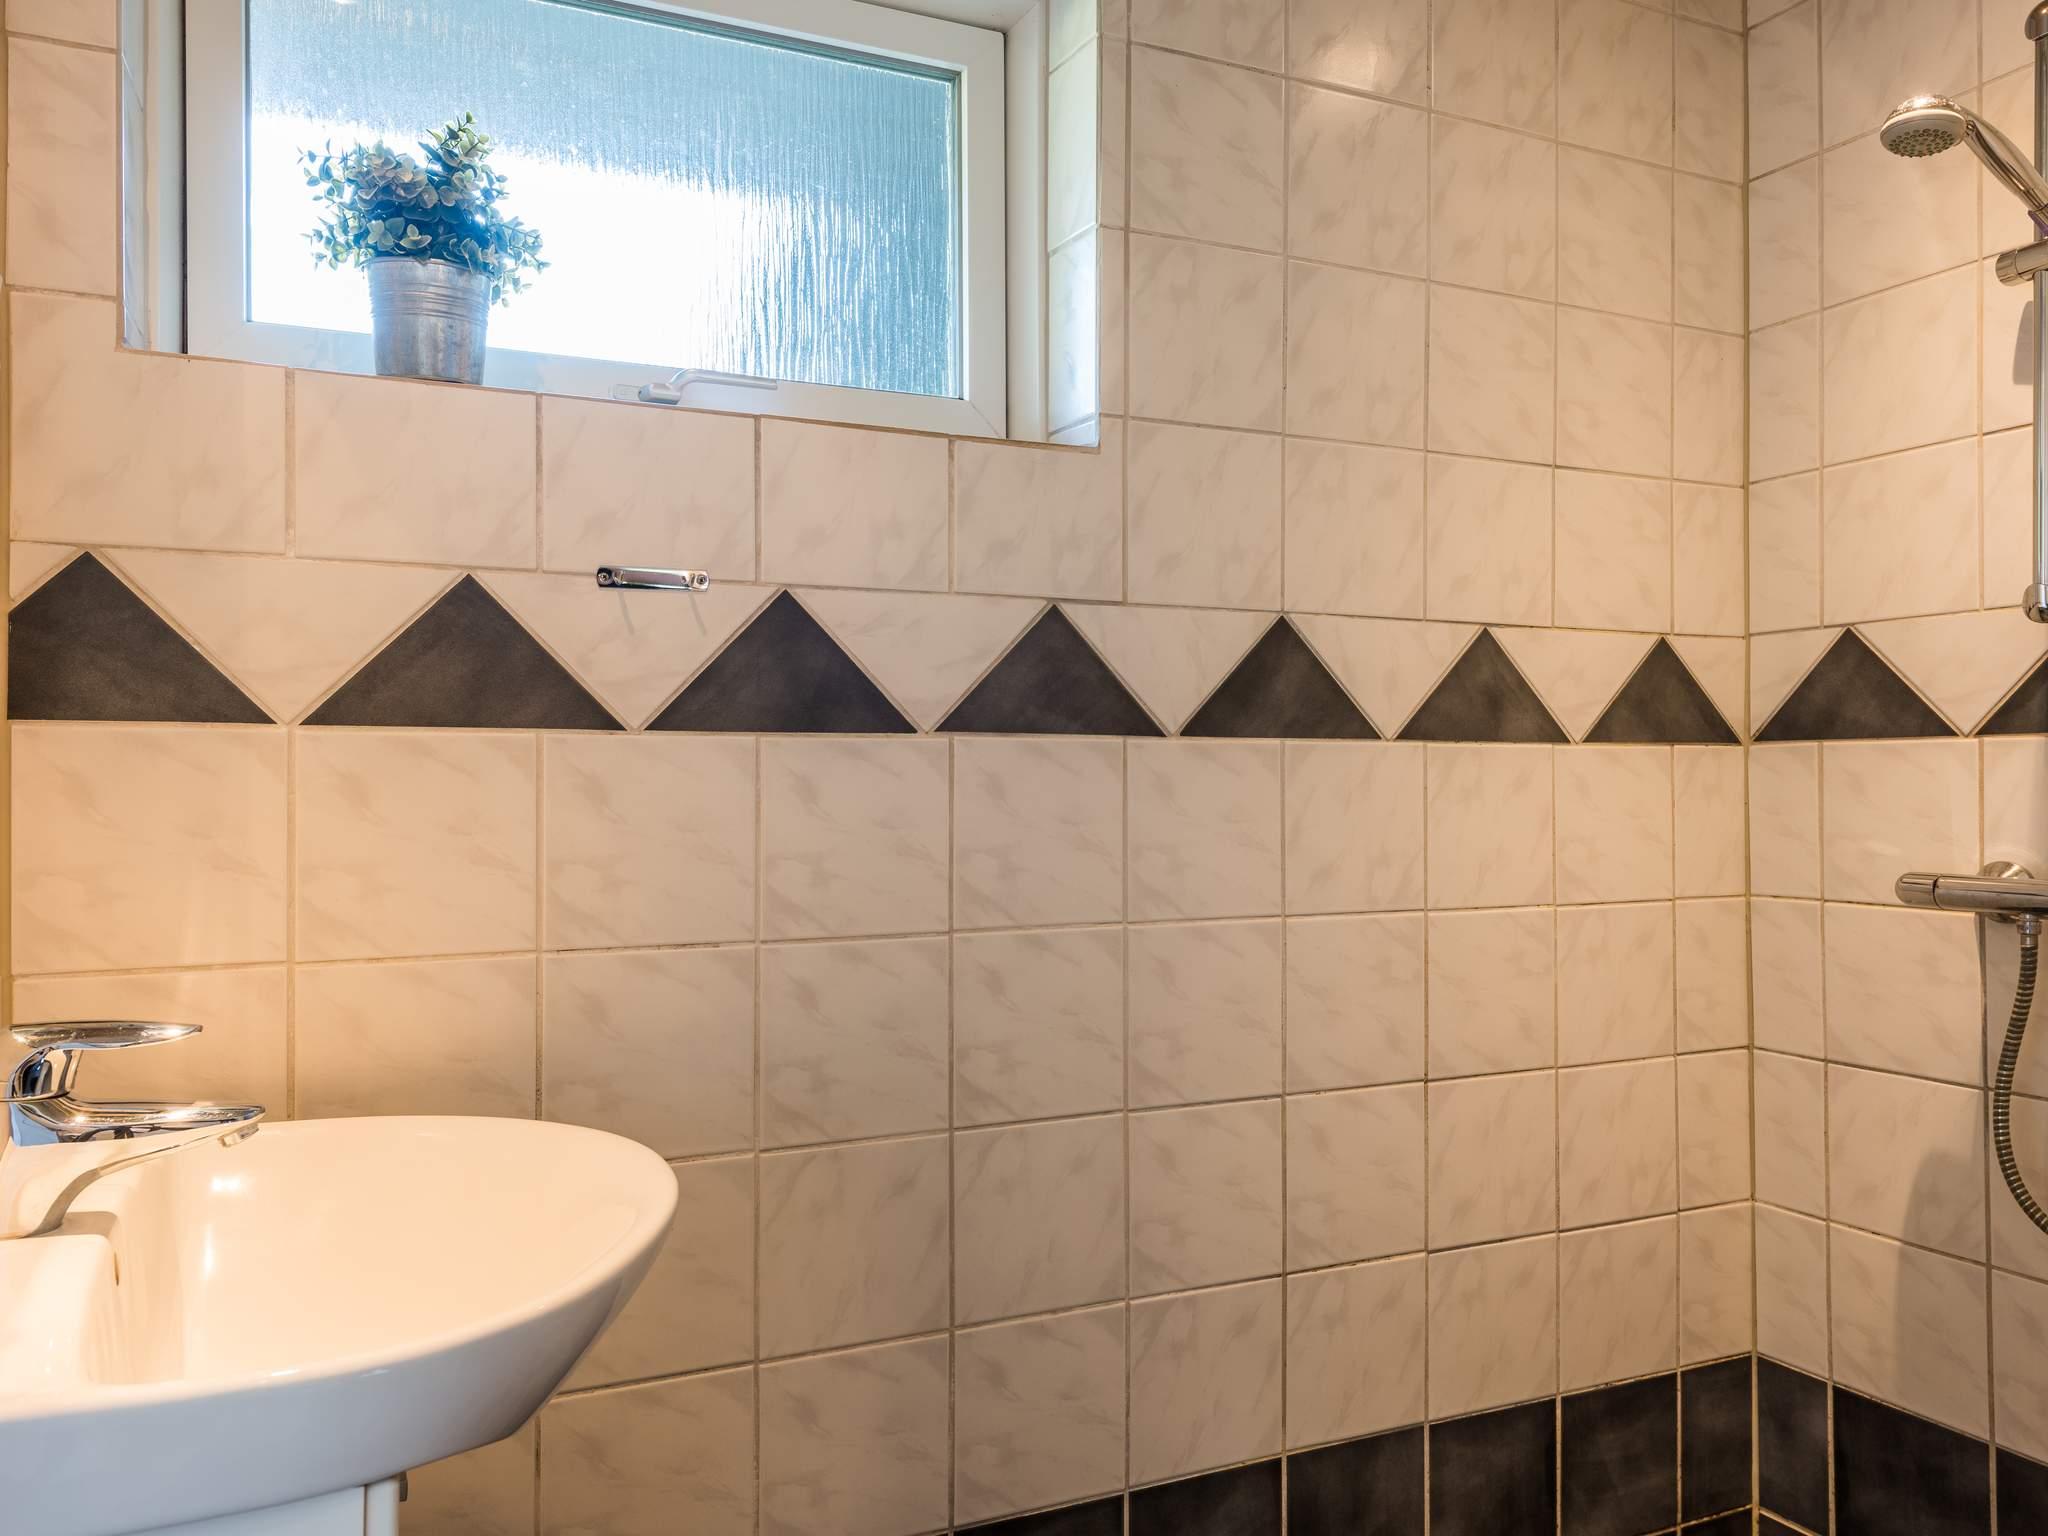 Ferienhaus Grærup (2750234), Grærup, , Westjütland, Dänemark, Bild 15